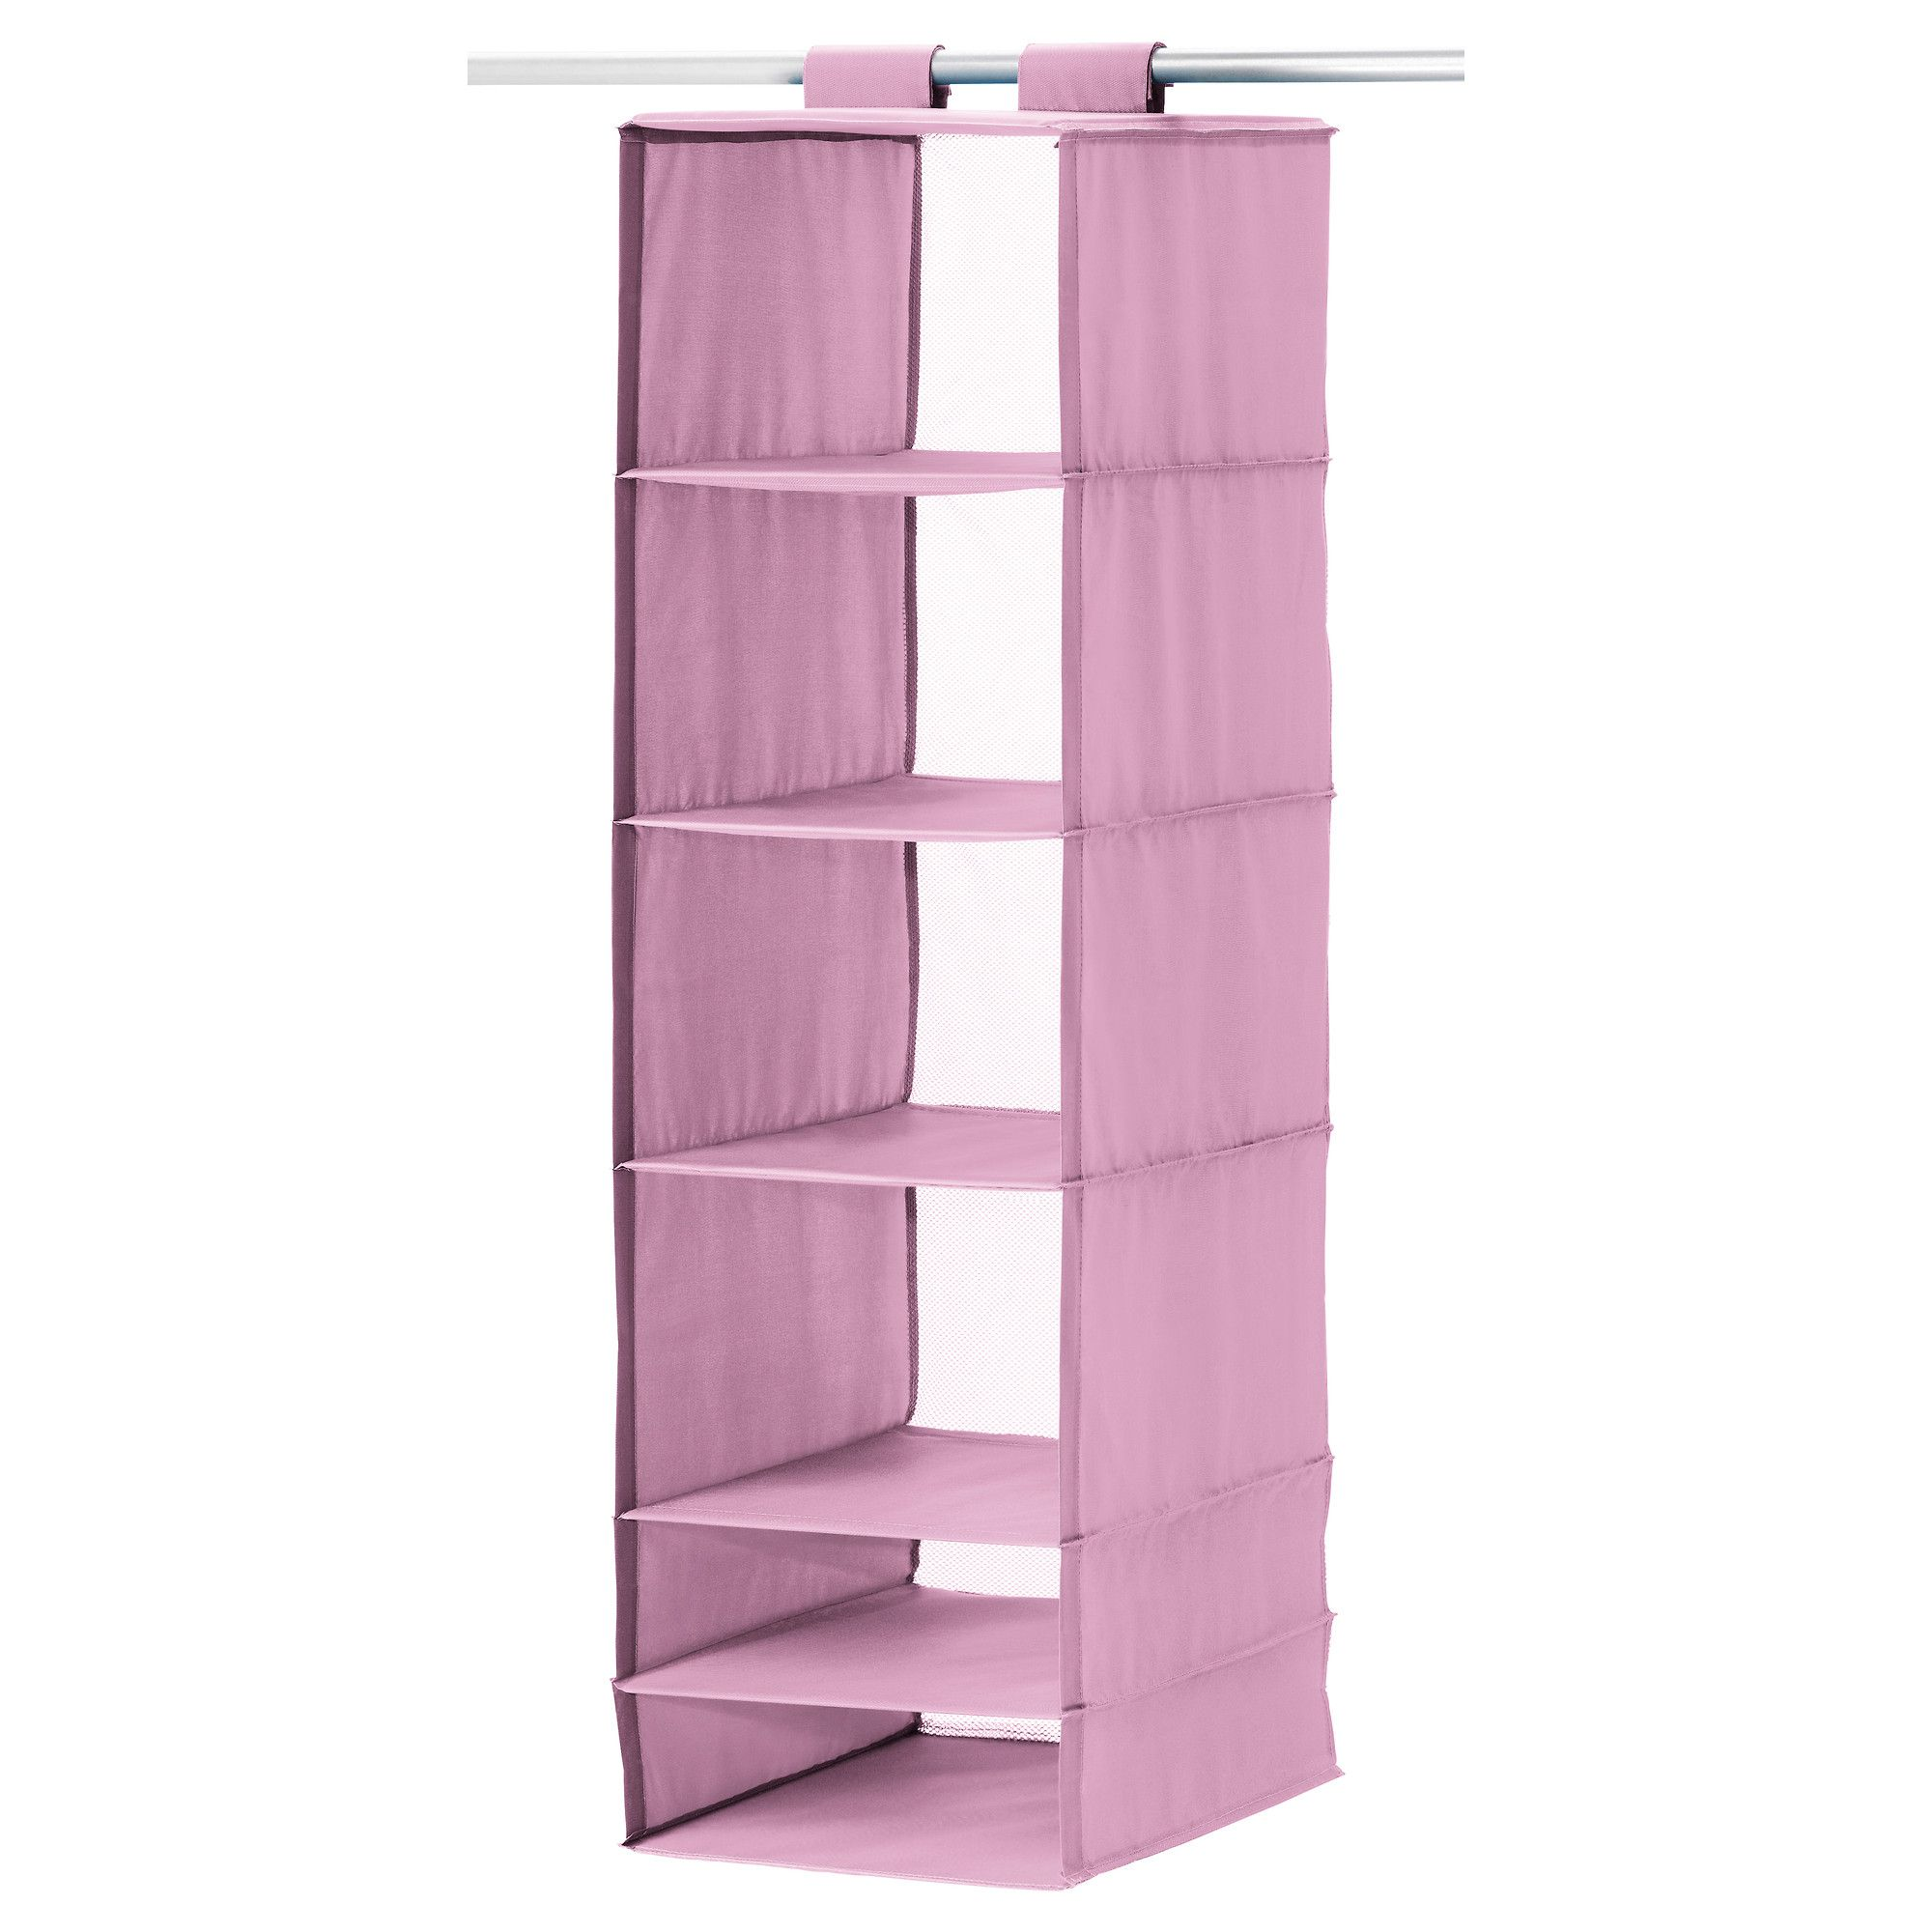 Skubb Opberger Met 6 Vakken Roze Ikea